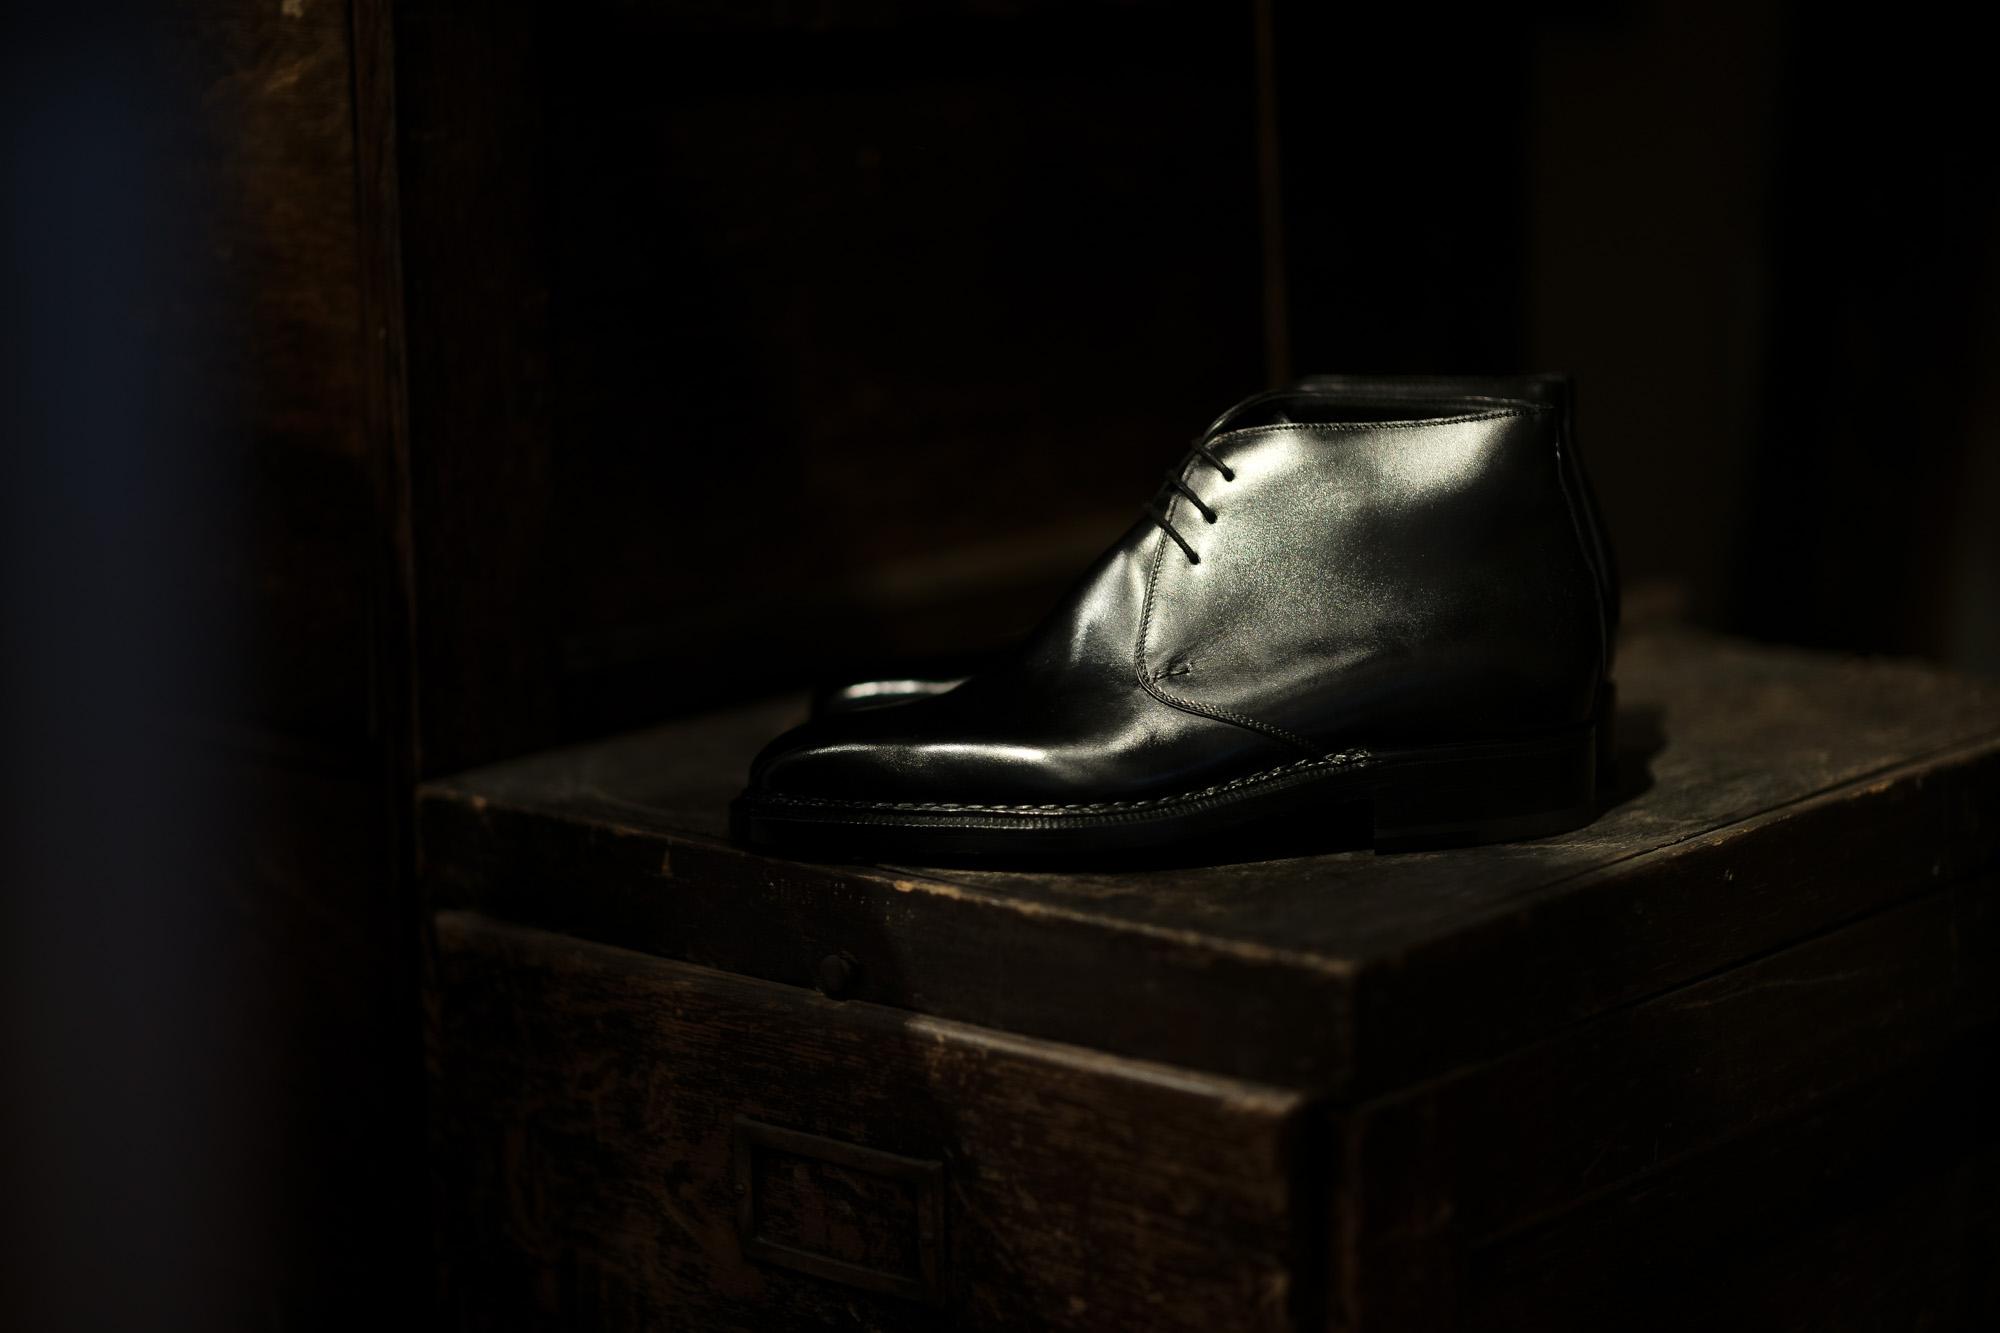 ENZO BONAFE (エンツォボナフェ) ART.3722 Chukka boots Du Puy Vitello デュプイ社ボックスカーフ チャッカブーツ NERO (ブラック) made in italy (イタリア製) 愛知 名古屋 Alto e Diritto アルトエデリット エンツォボナフェ チャッカ 5.5,6,6.5,7,7.5,8,8.5,9,9.5